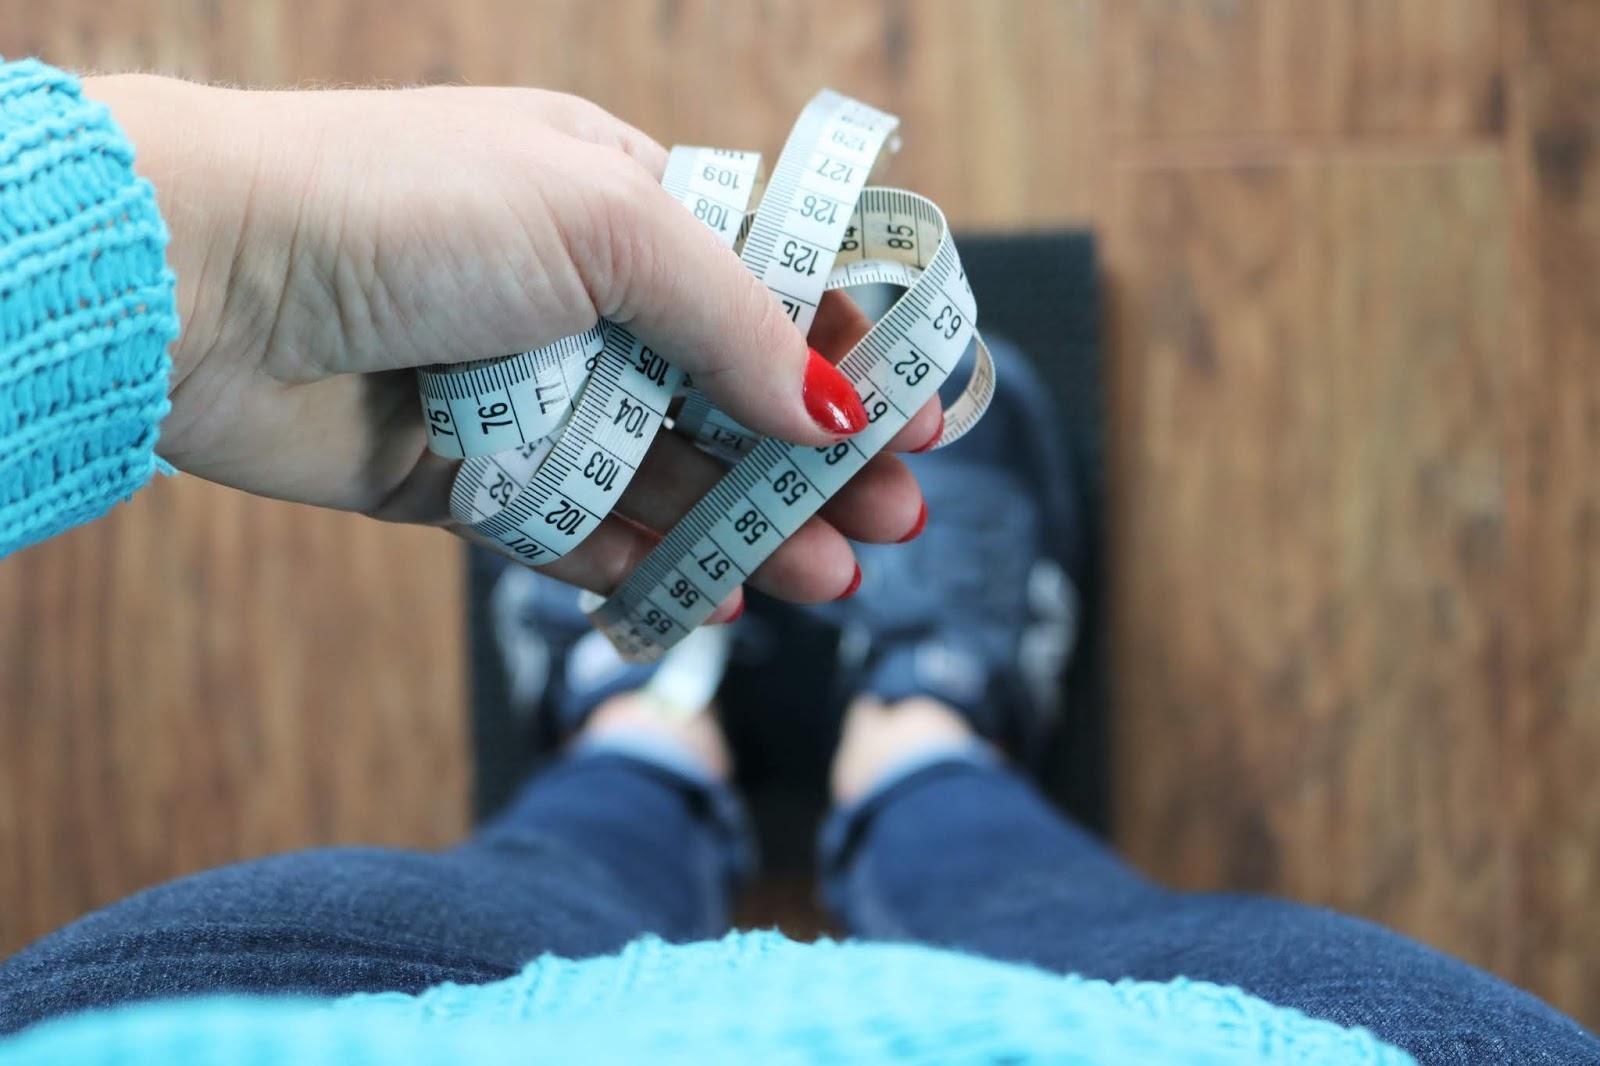 SZYBKA I SKUTECZNA DIETA - CZY MOŻNA SCHUDNĄĆ 10 KG W 2 TYGODNIE?